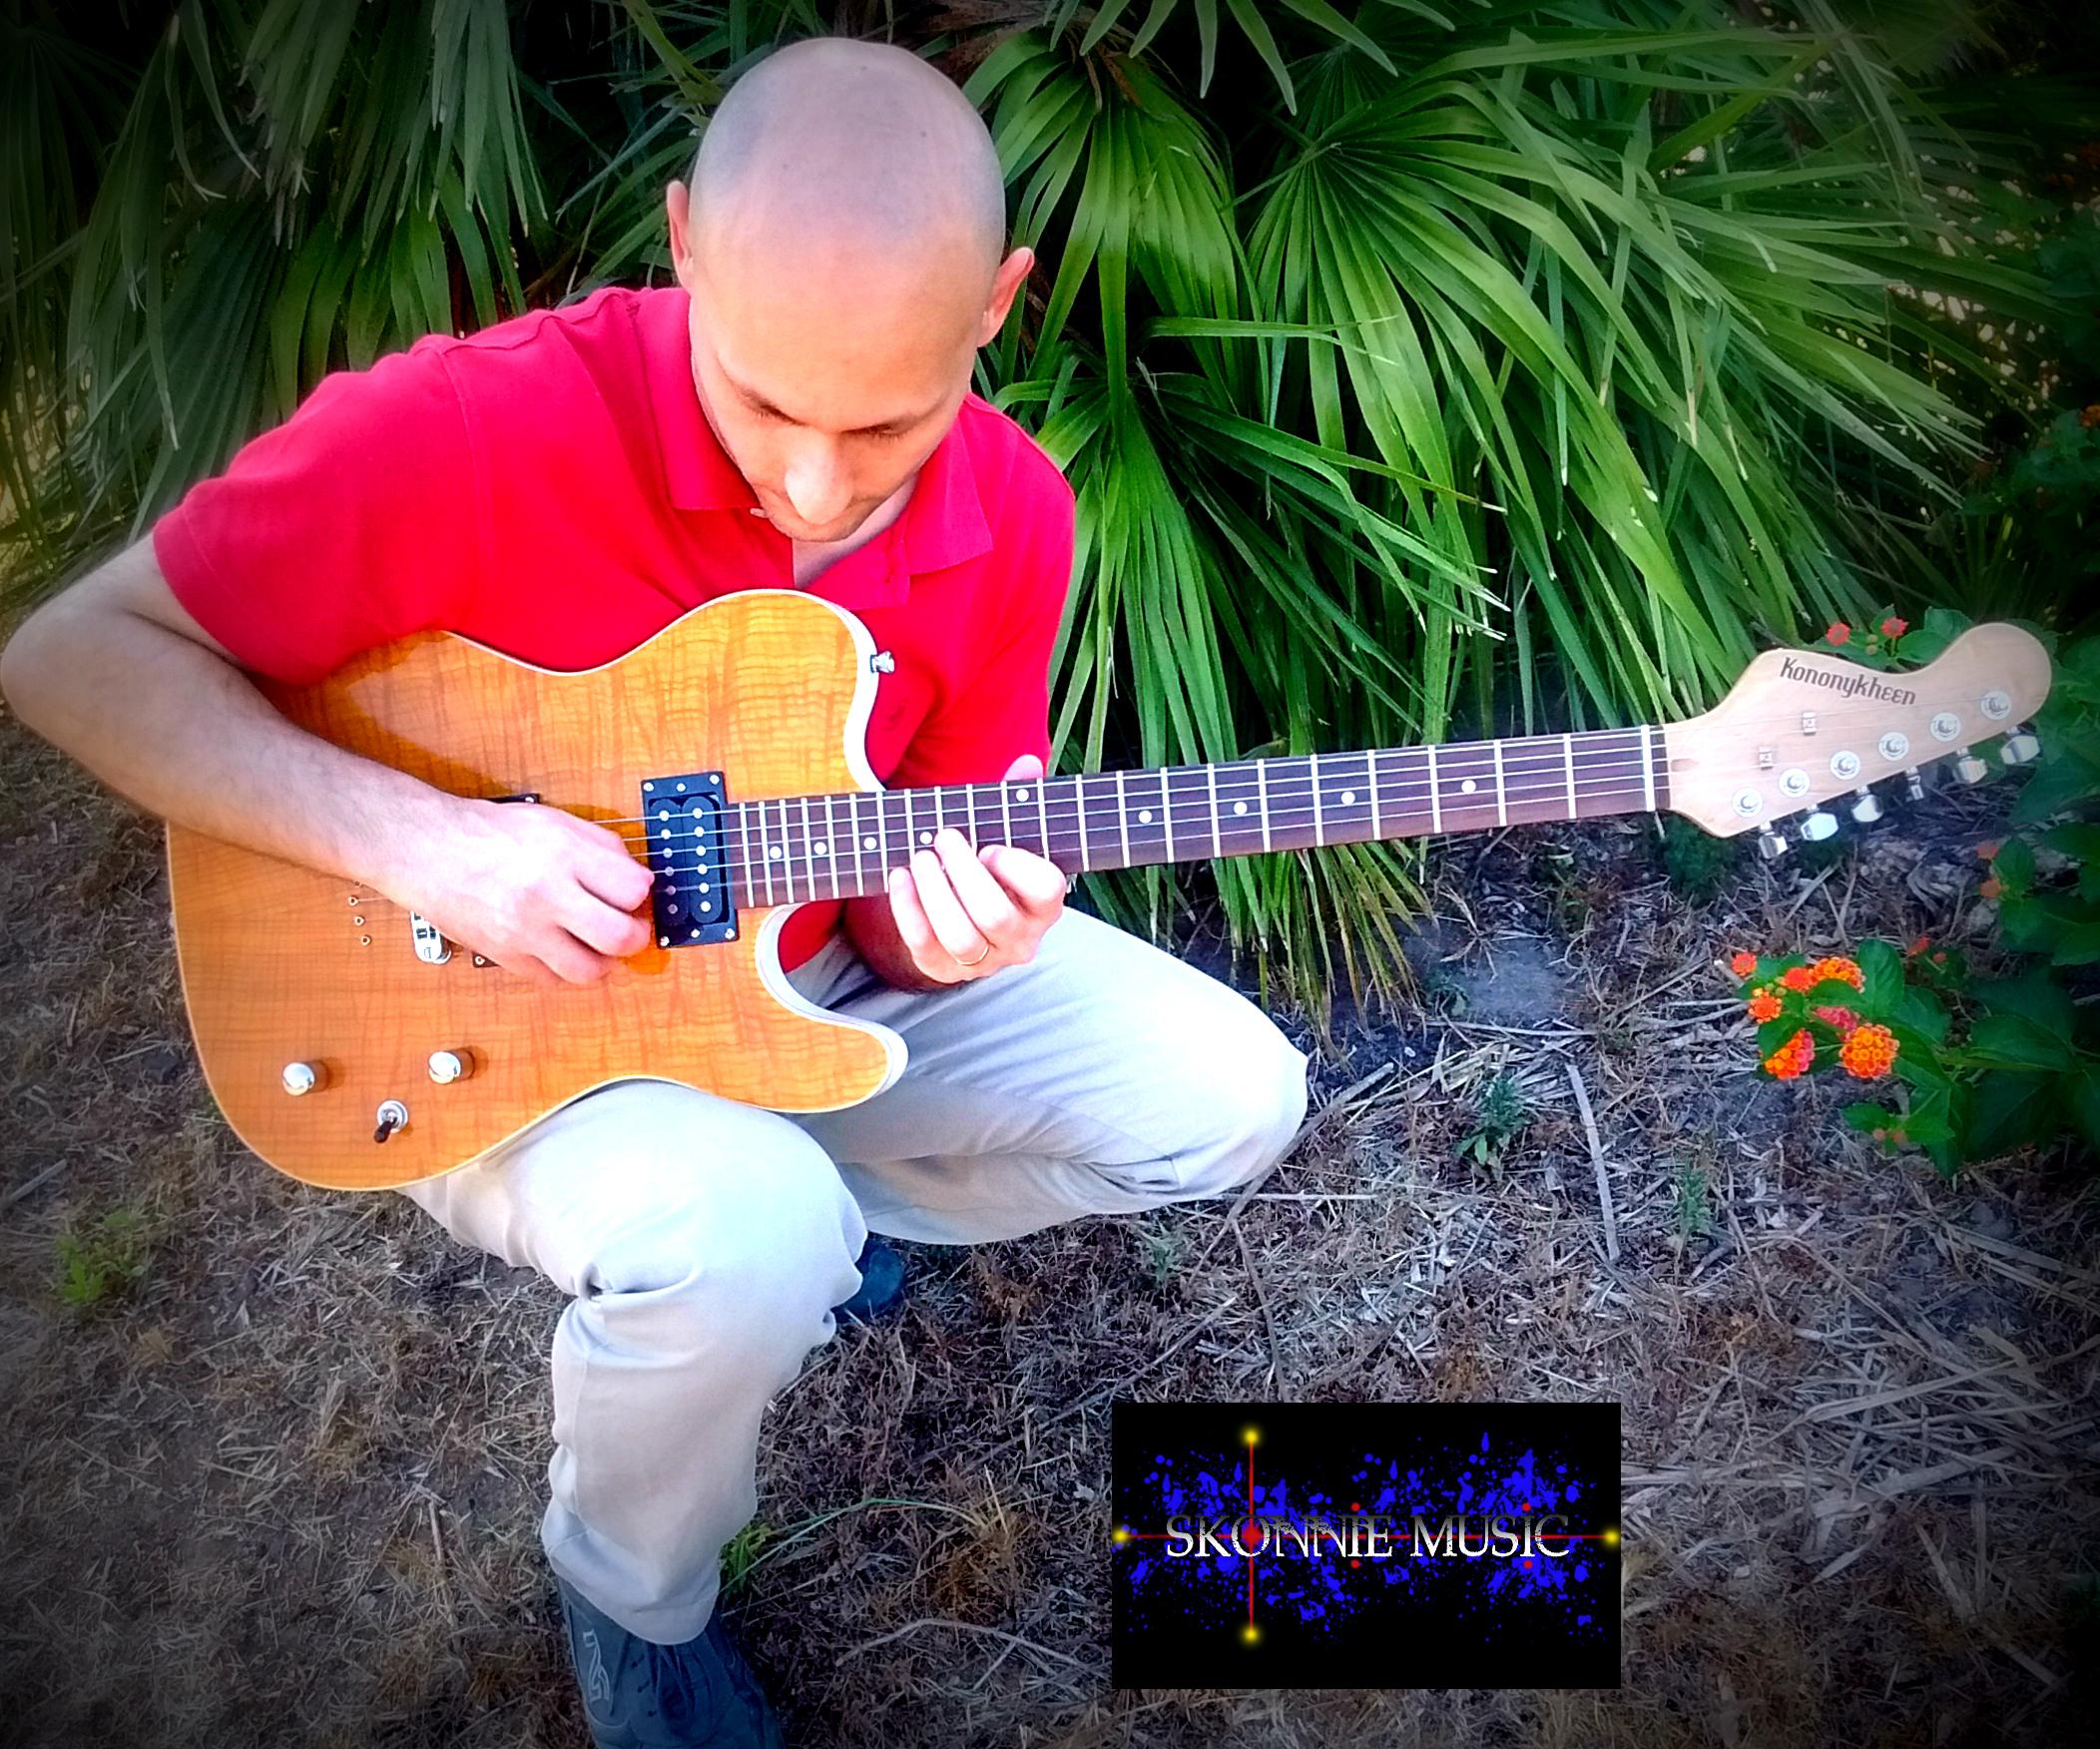 Skonnie Music Guitarist with Kononykheen Guitar